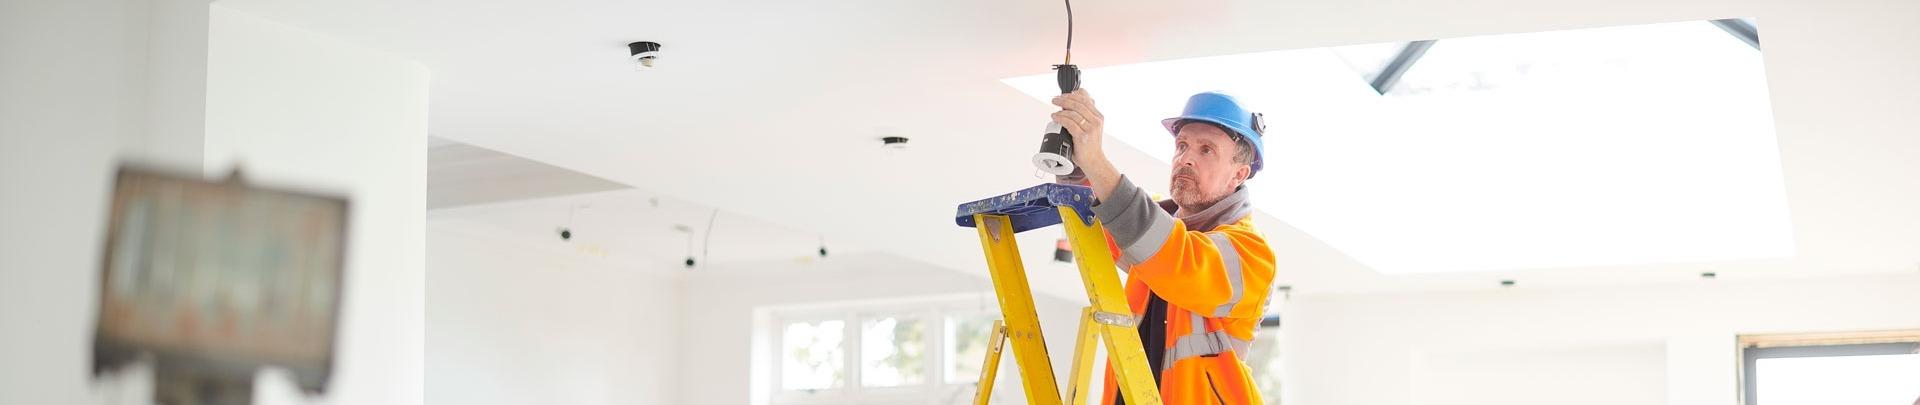 een elektricien is bezig met de bedrading in een huis